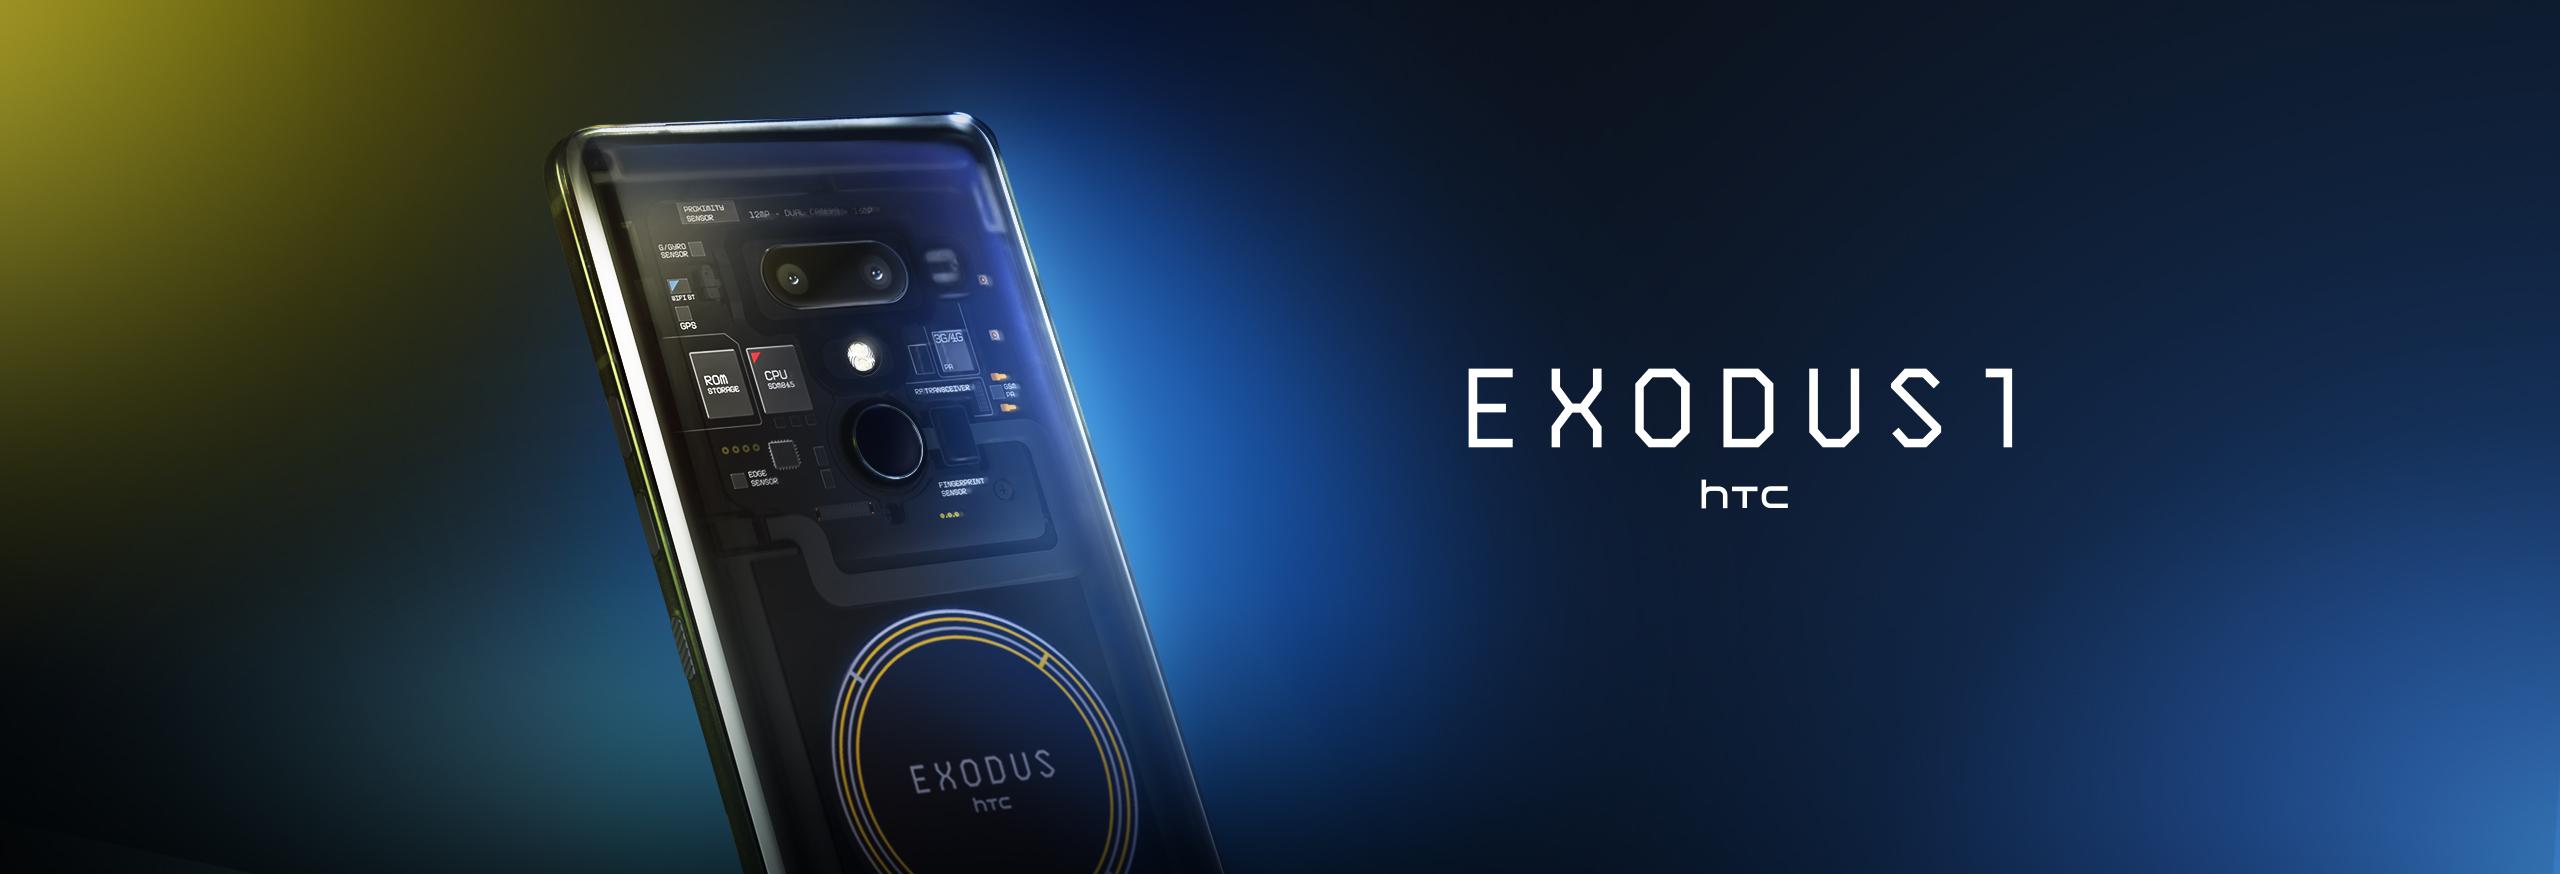 HTC Exodus One Explained